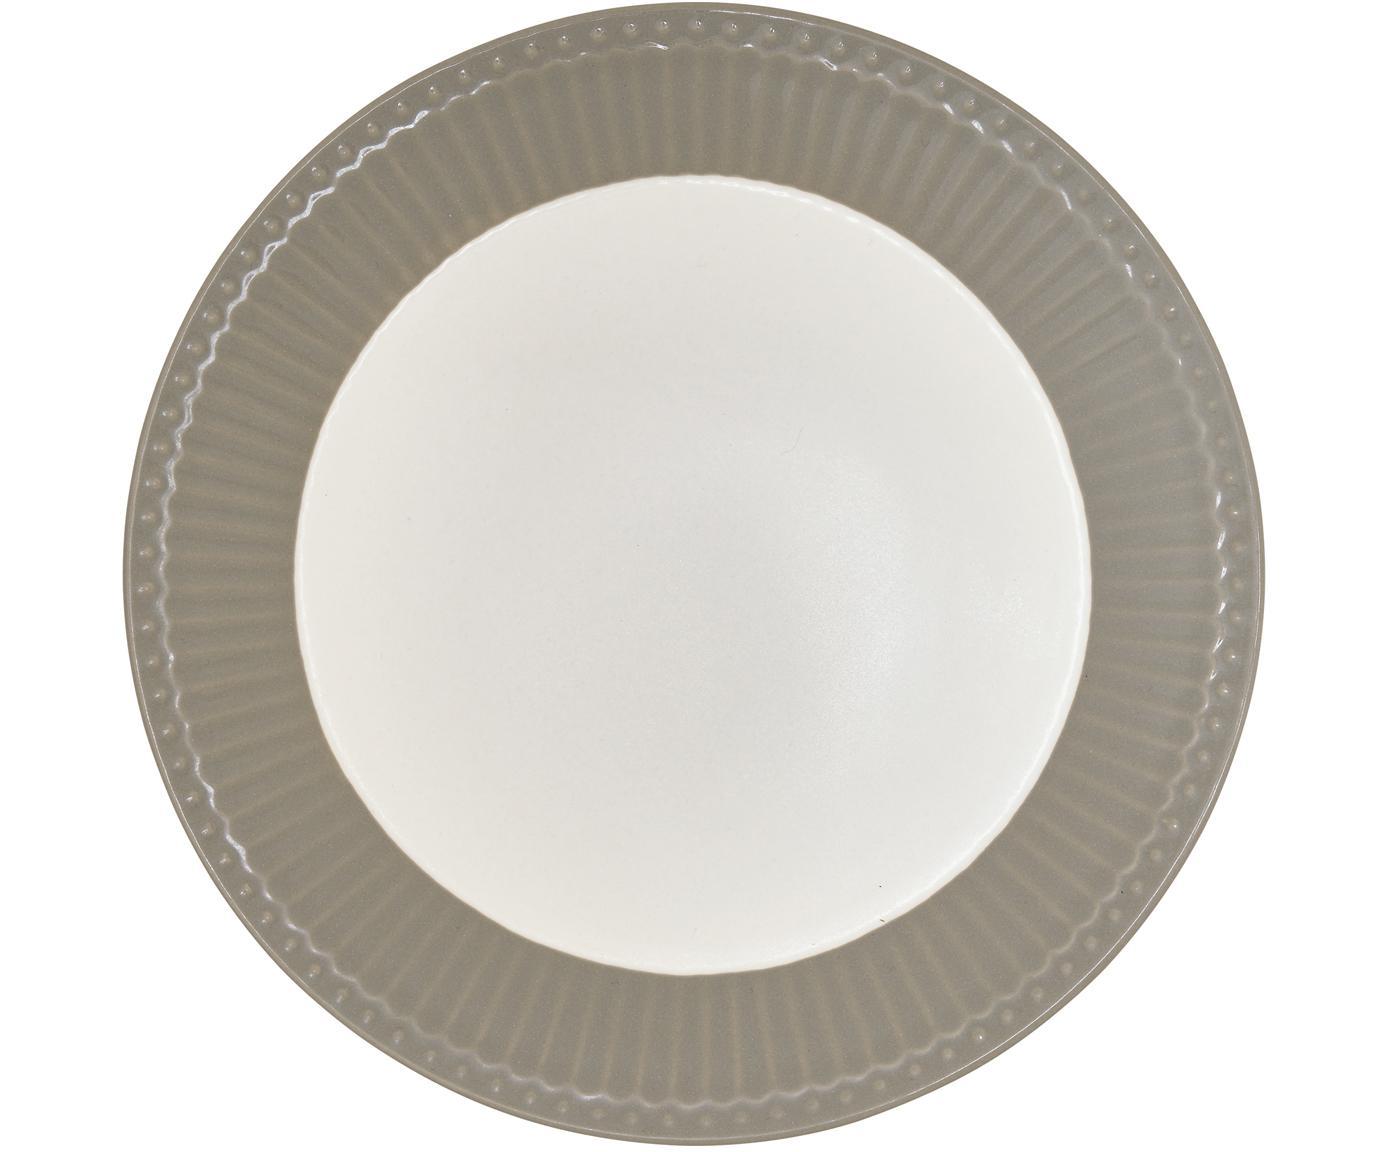 Handgefertigte Frühstücksteller Alice in Grau mit Reliefdesign, 2 Stück, Steingut, Grau, Weiß, Ø 23 cm